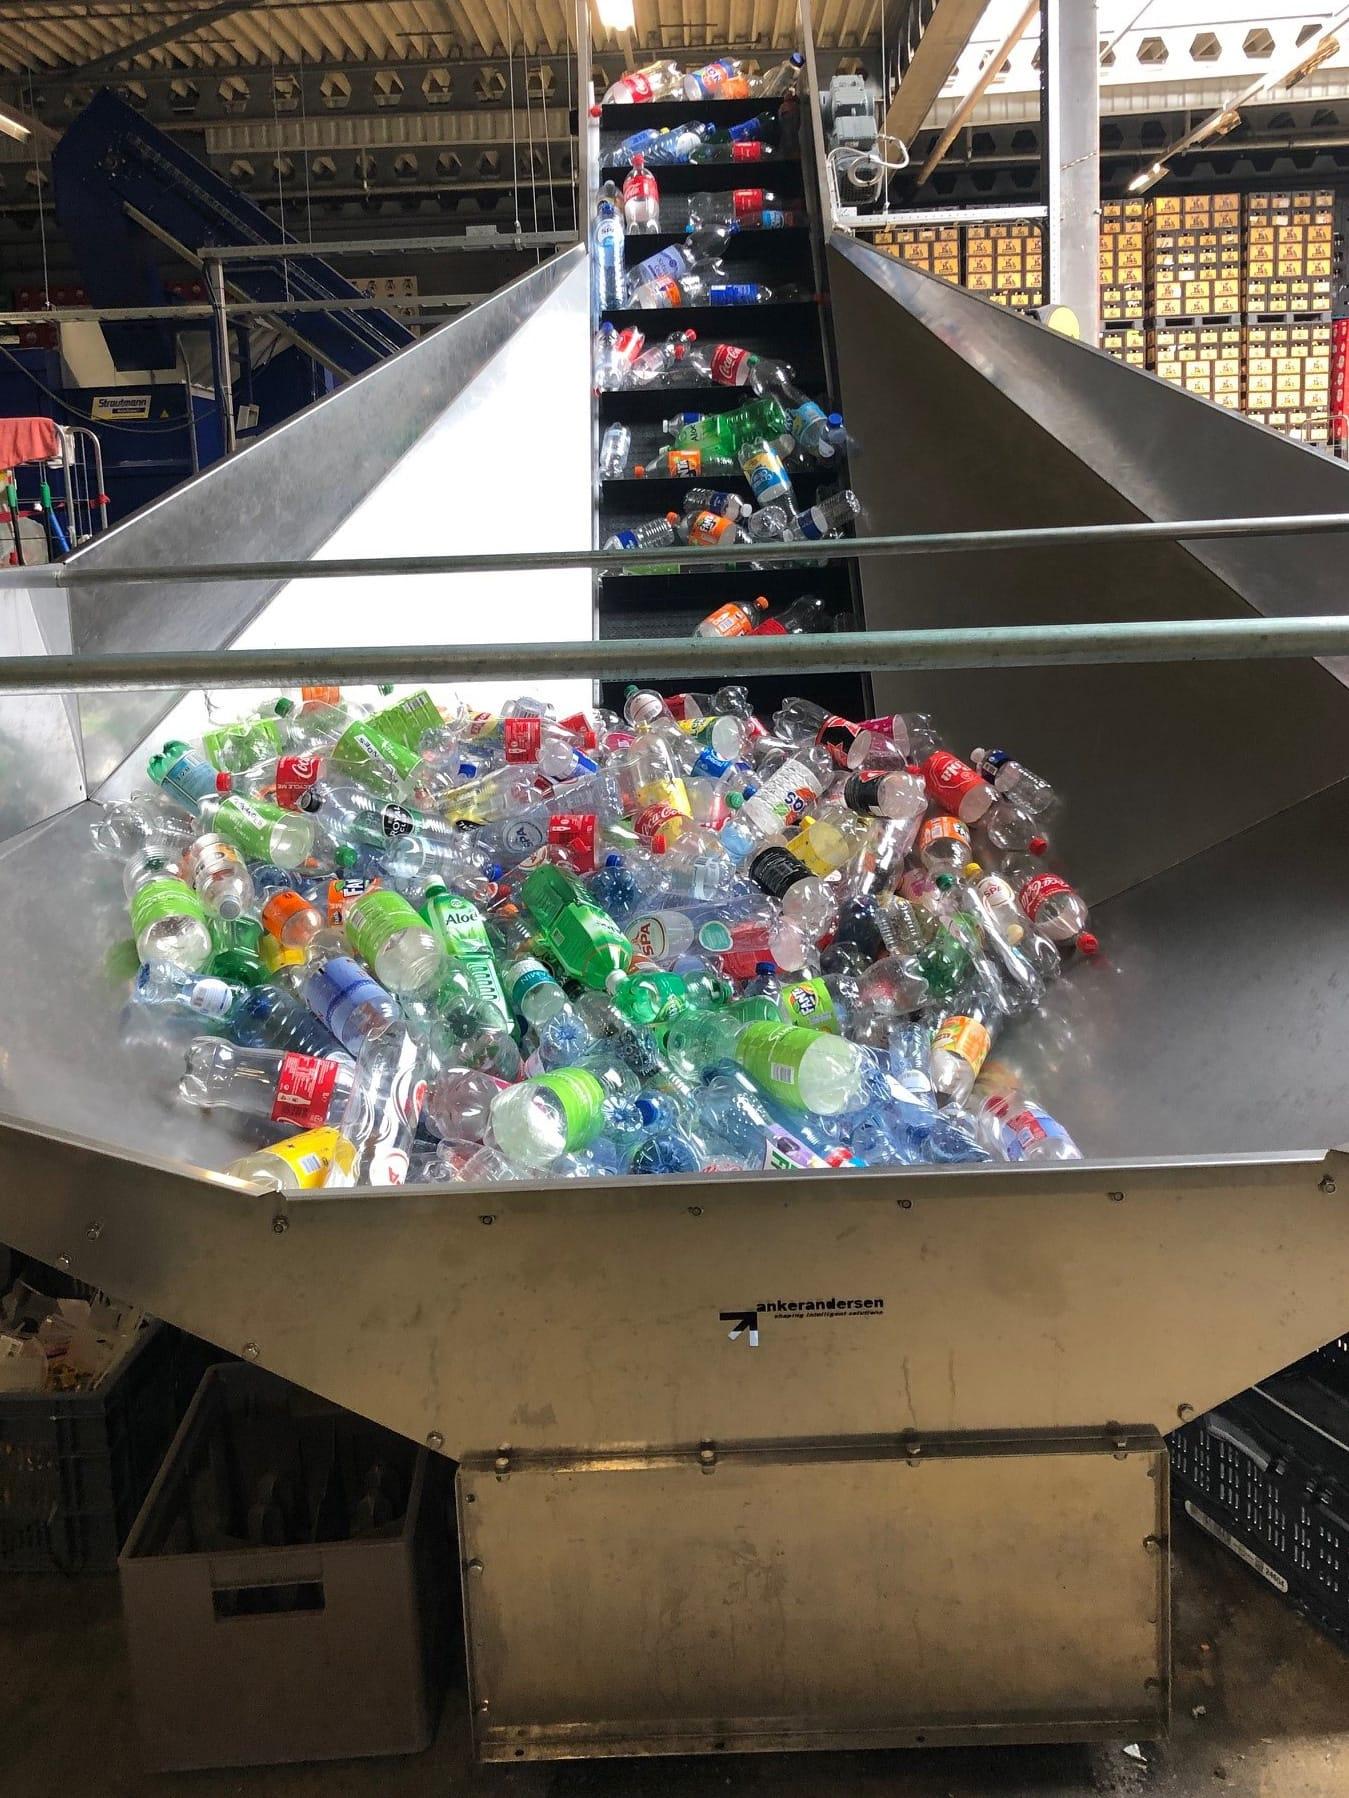 Visser helpt bij de ontwikkeling van PET fles shredder